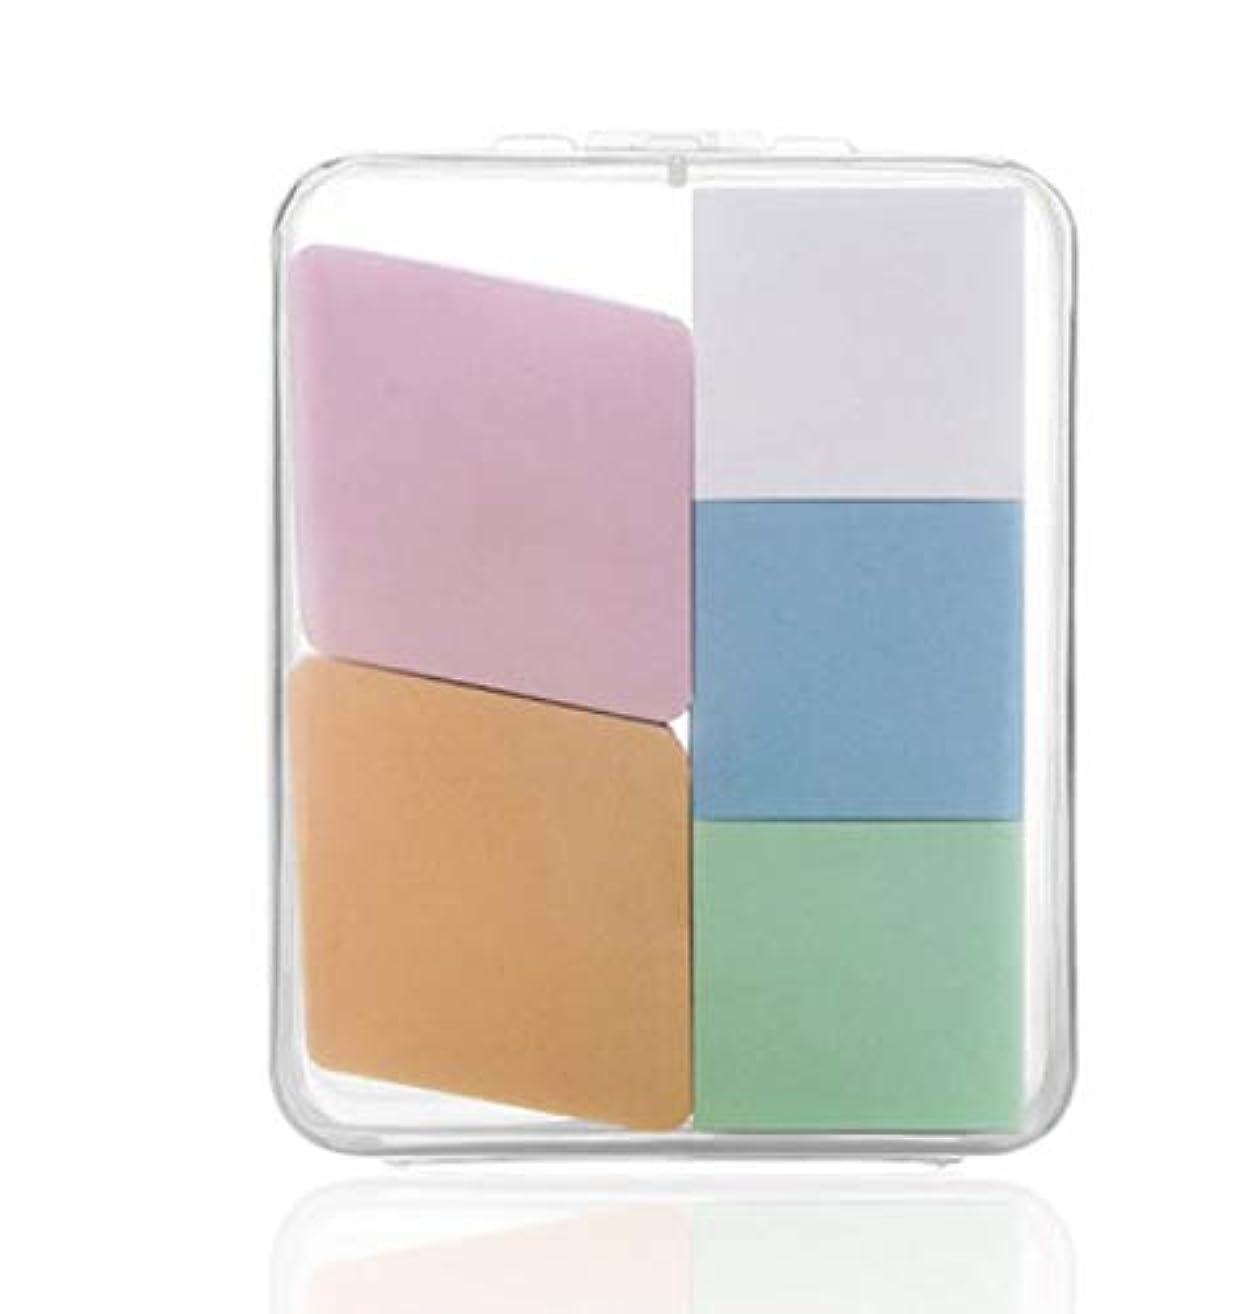 マンハッタンシーケンス臨検美容スポンジ、収納ボックス付きソフト化粧スポンジ美容メイク卵5パック